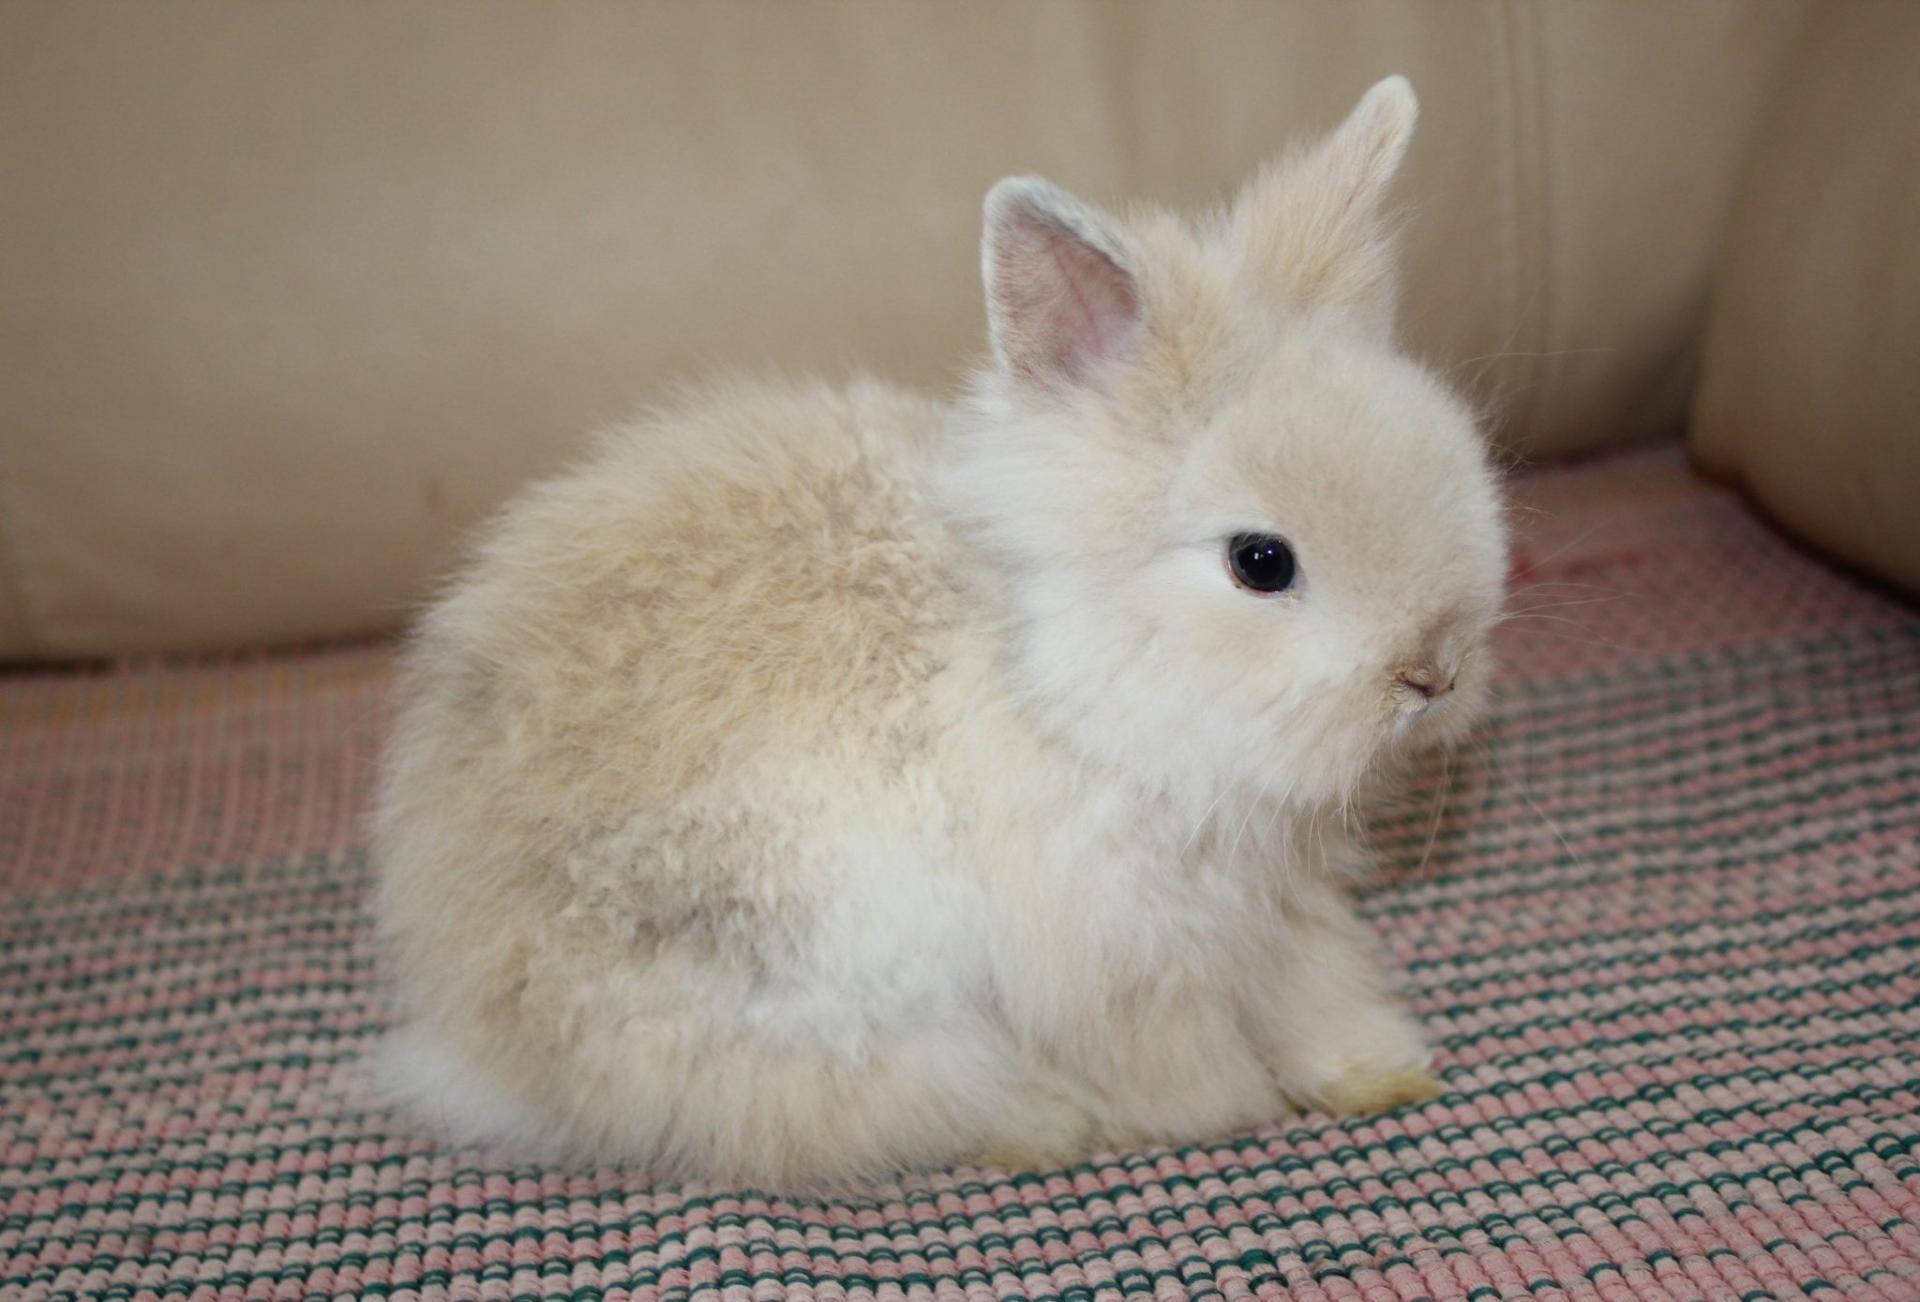 А кто это у нас такой миленький? все, что нужно знать будущим хозяевам карликового кролика